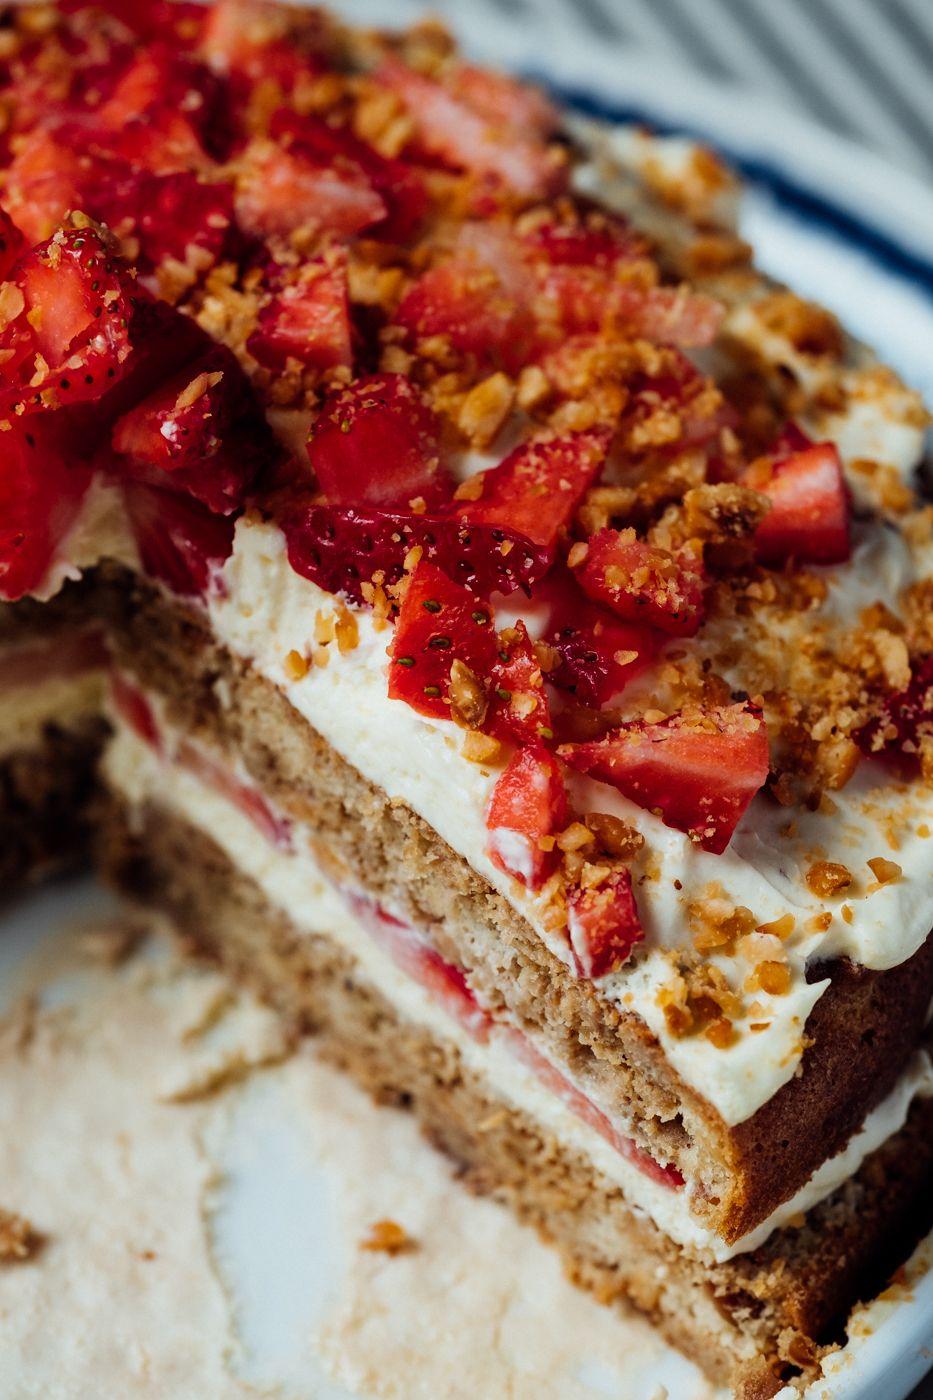 Almond hazelnut birthday cake with mascarpone cream